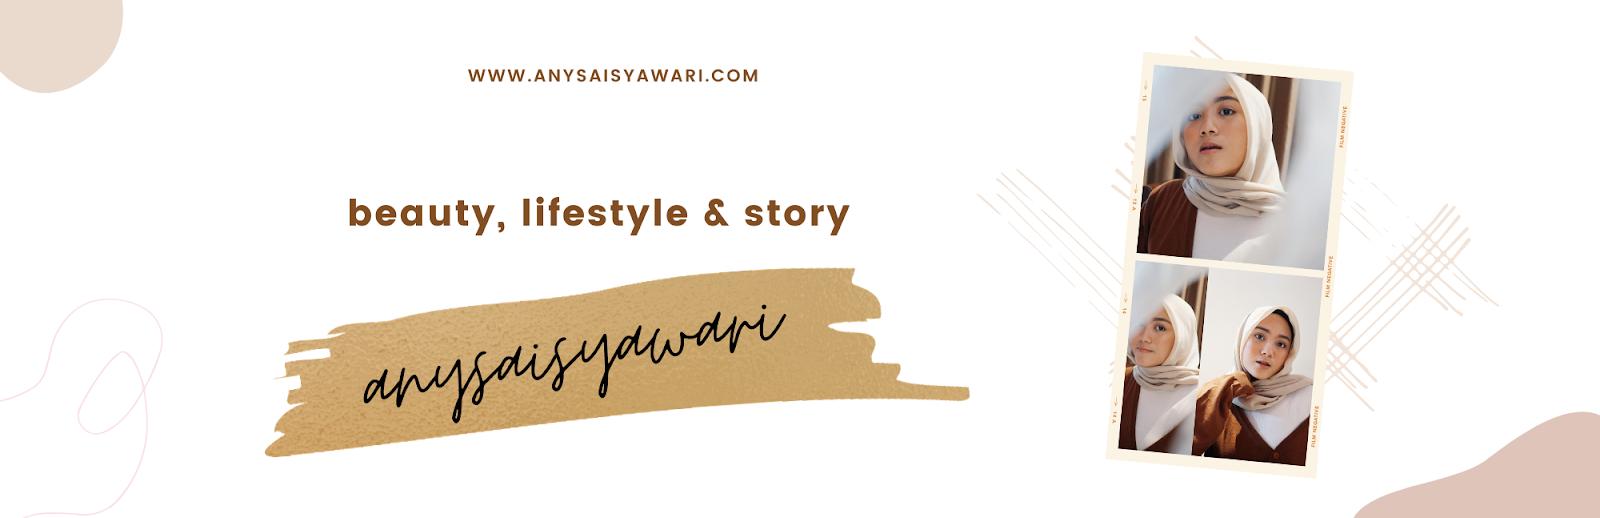 ANYSA ISYAWARI - Beauty, Lifestyle & Story